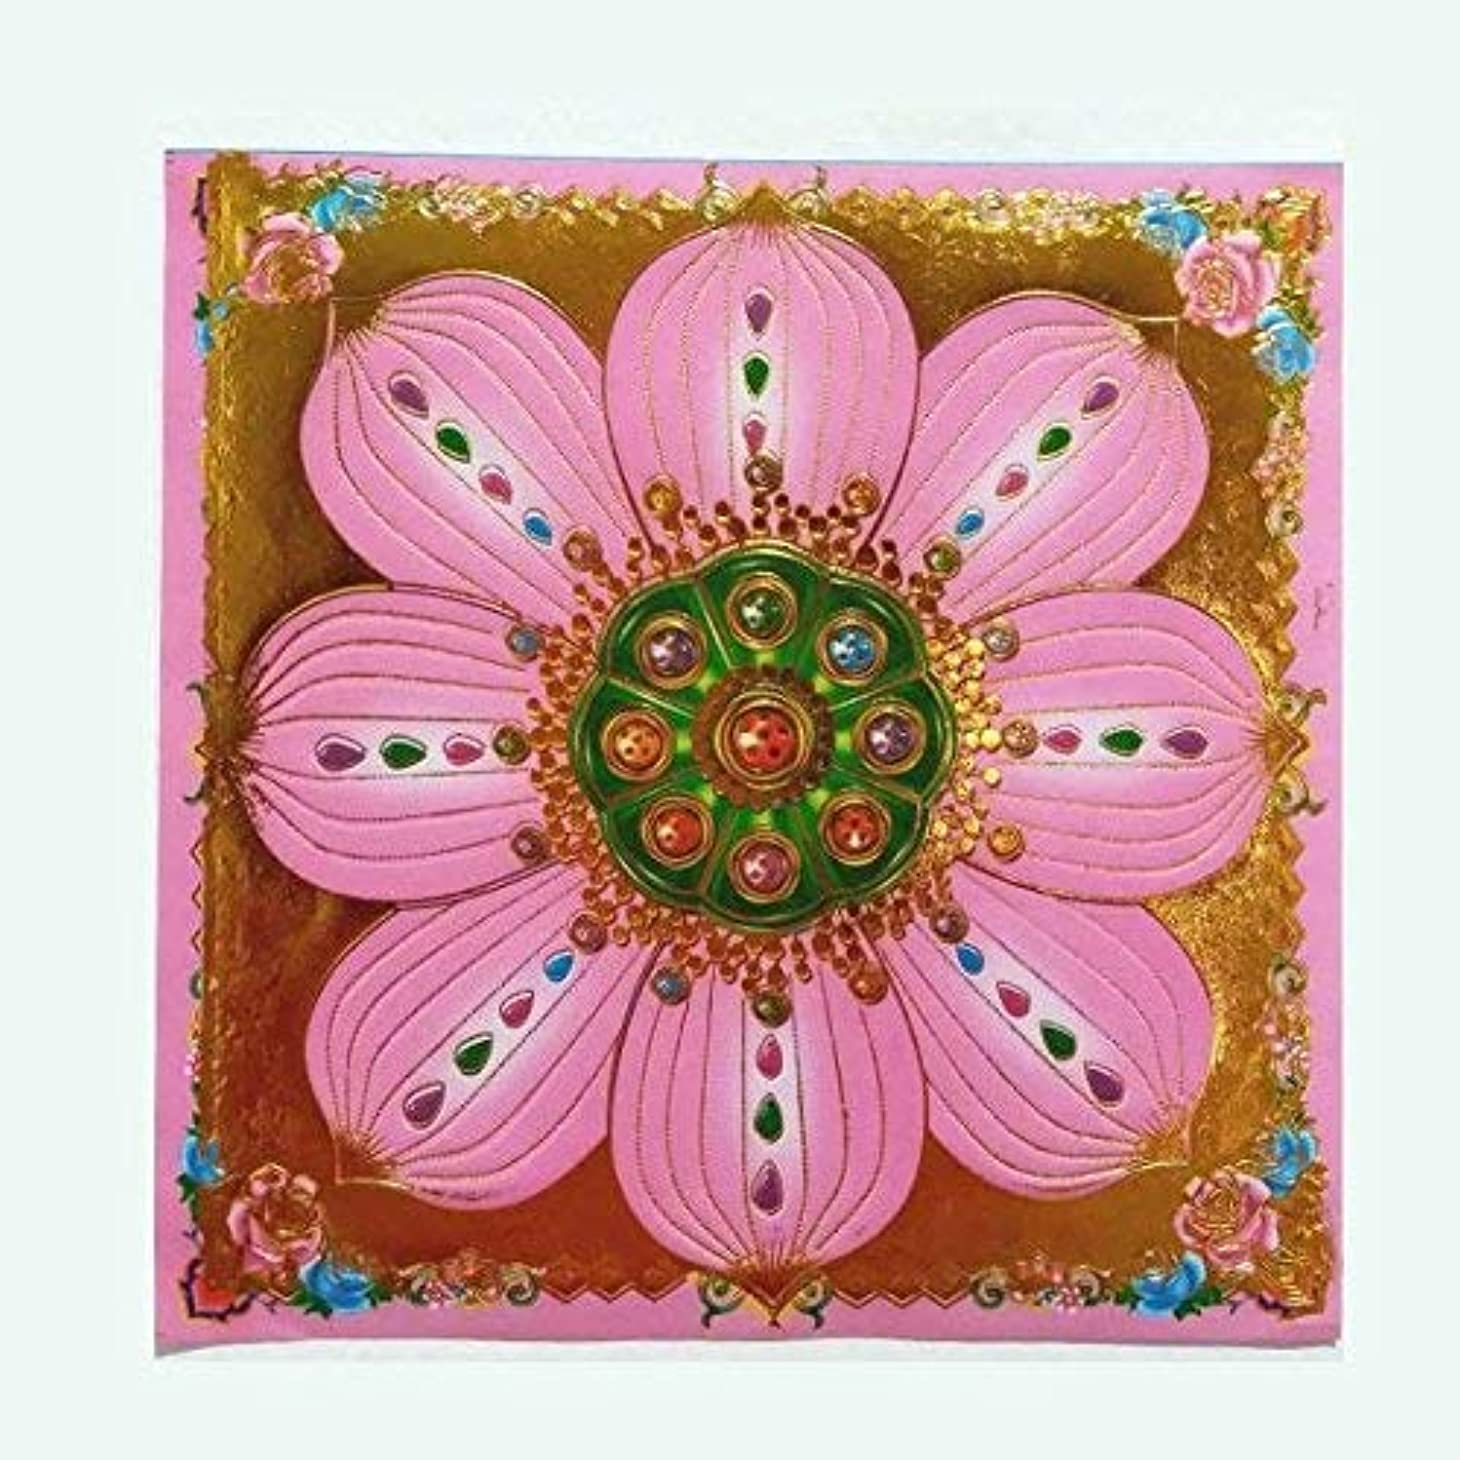 シャークヒョウ豊富40pcs Incense用紙/ Joss用紙ハイグレードカラフルwithゴールドの箔Sサイズの祖先Praying 7.5インチx 7.5インチ(ピンク)